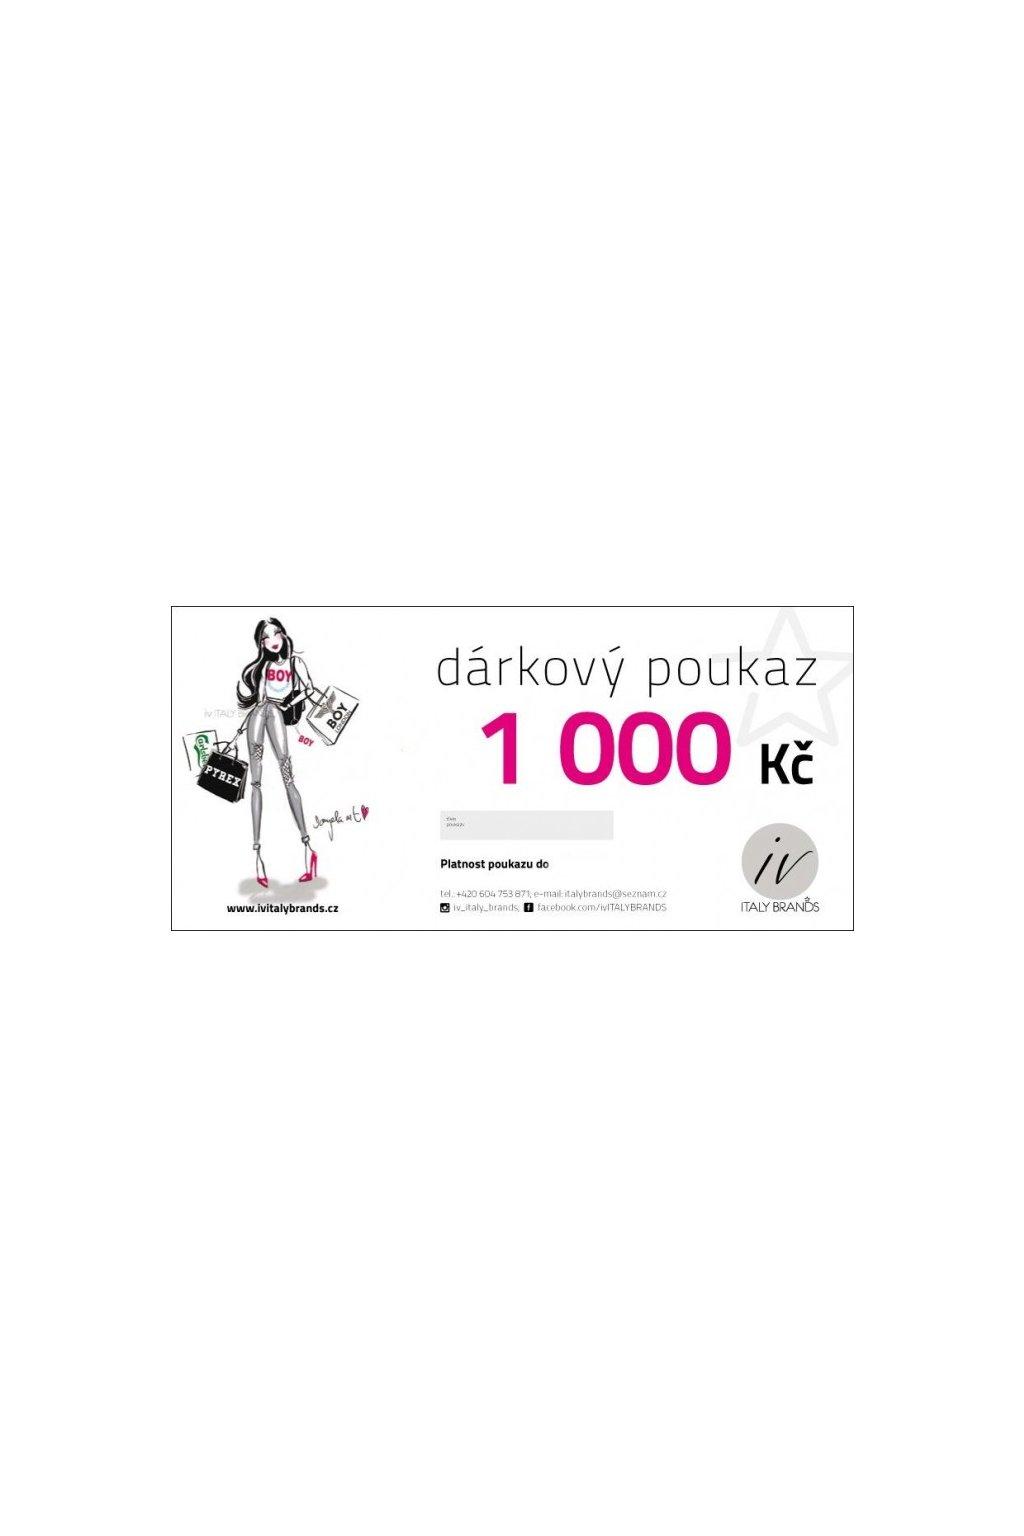 DÁRKOVÝ POUKAZ V HODNOTĚ 1000 Kč (Velikost Cena 1000)